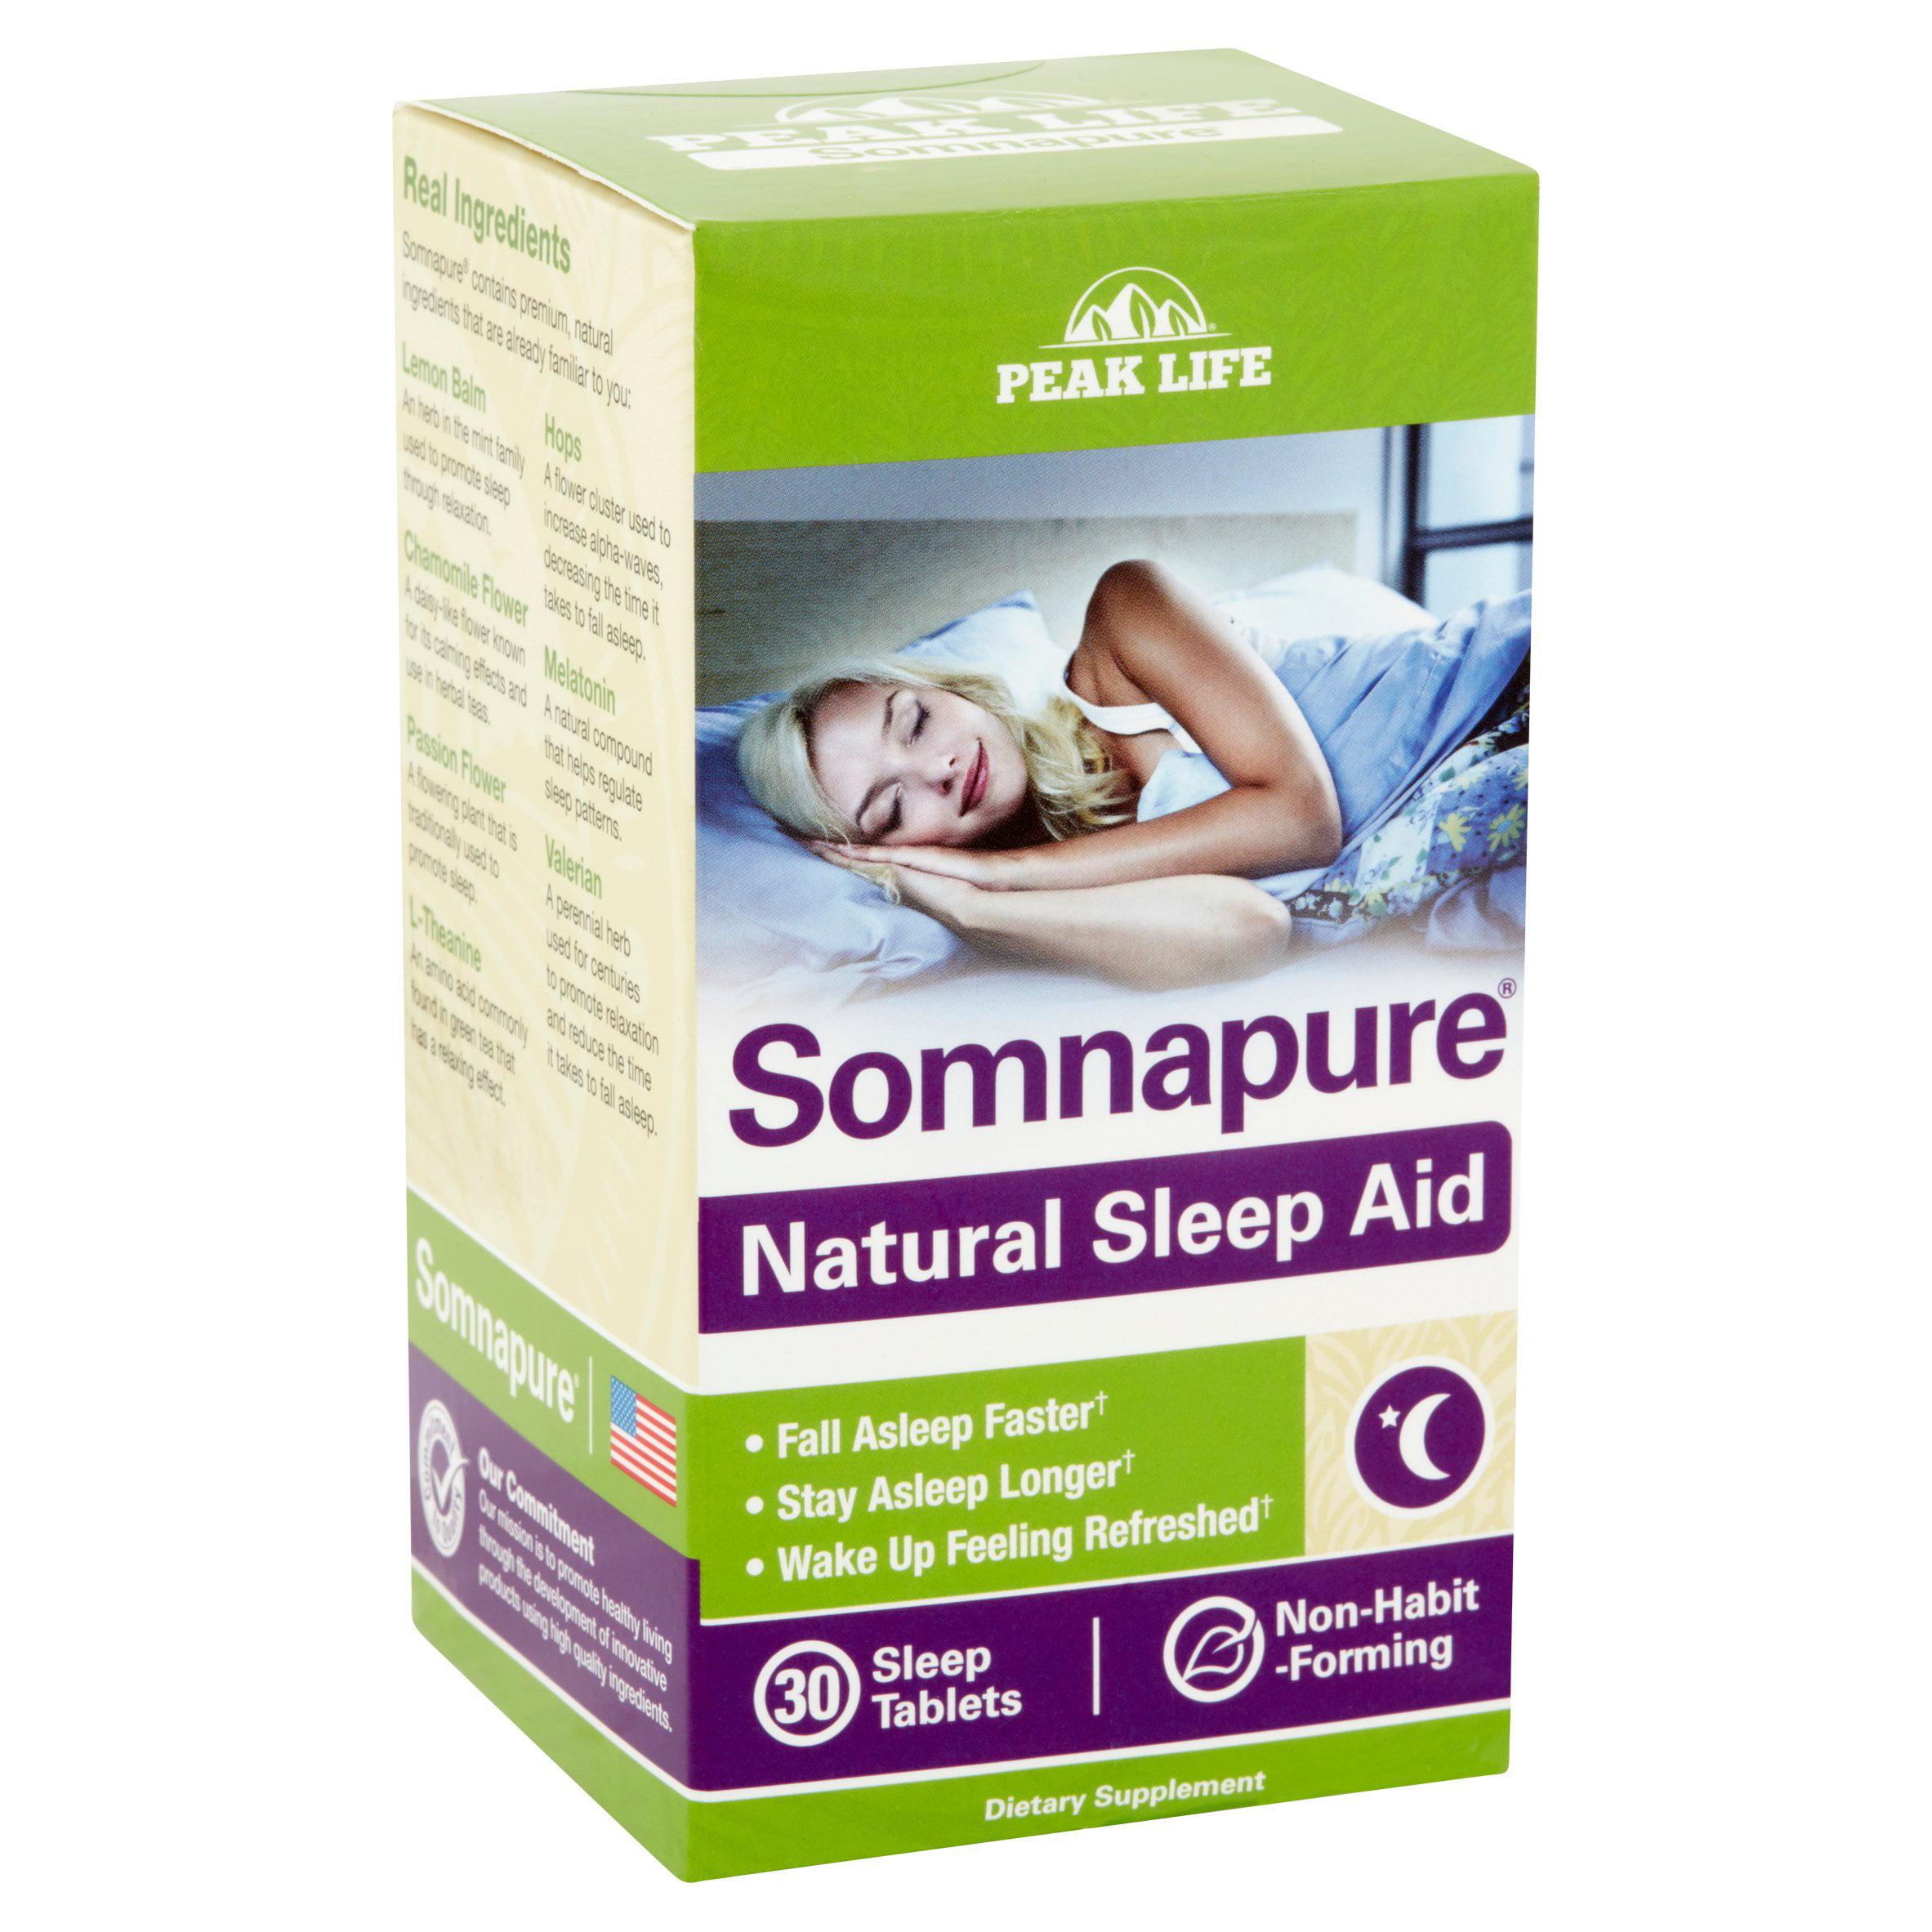 peak life somnapure natural sleep aid tablets 30 ct walmart com